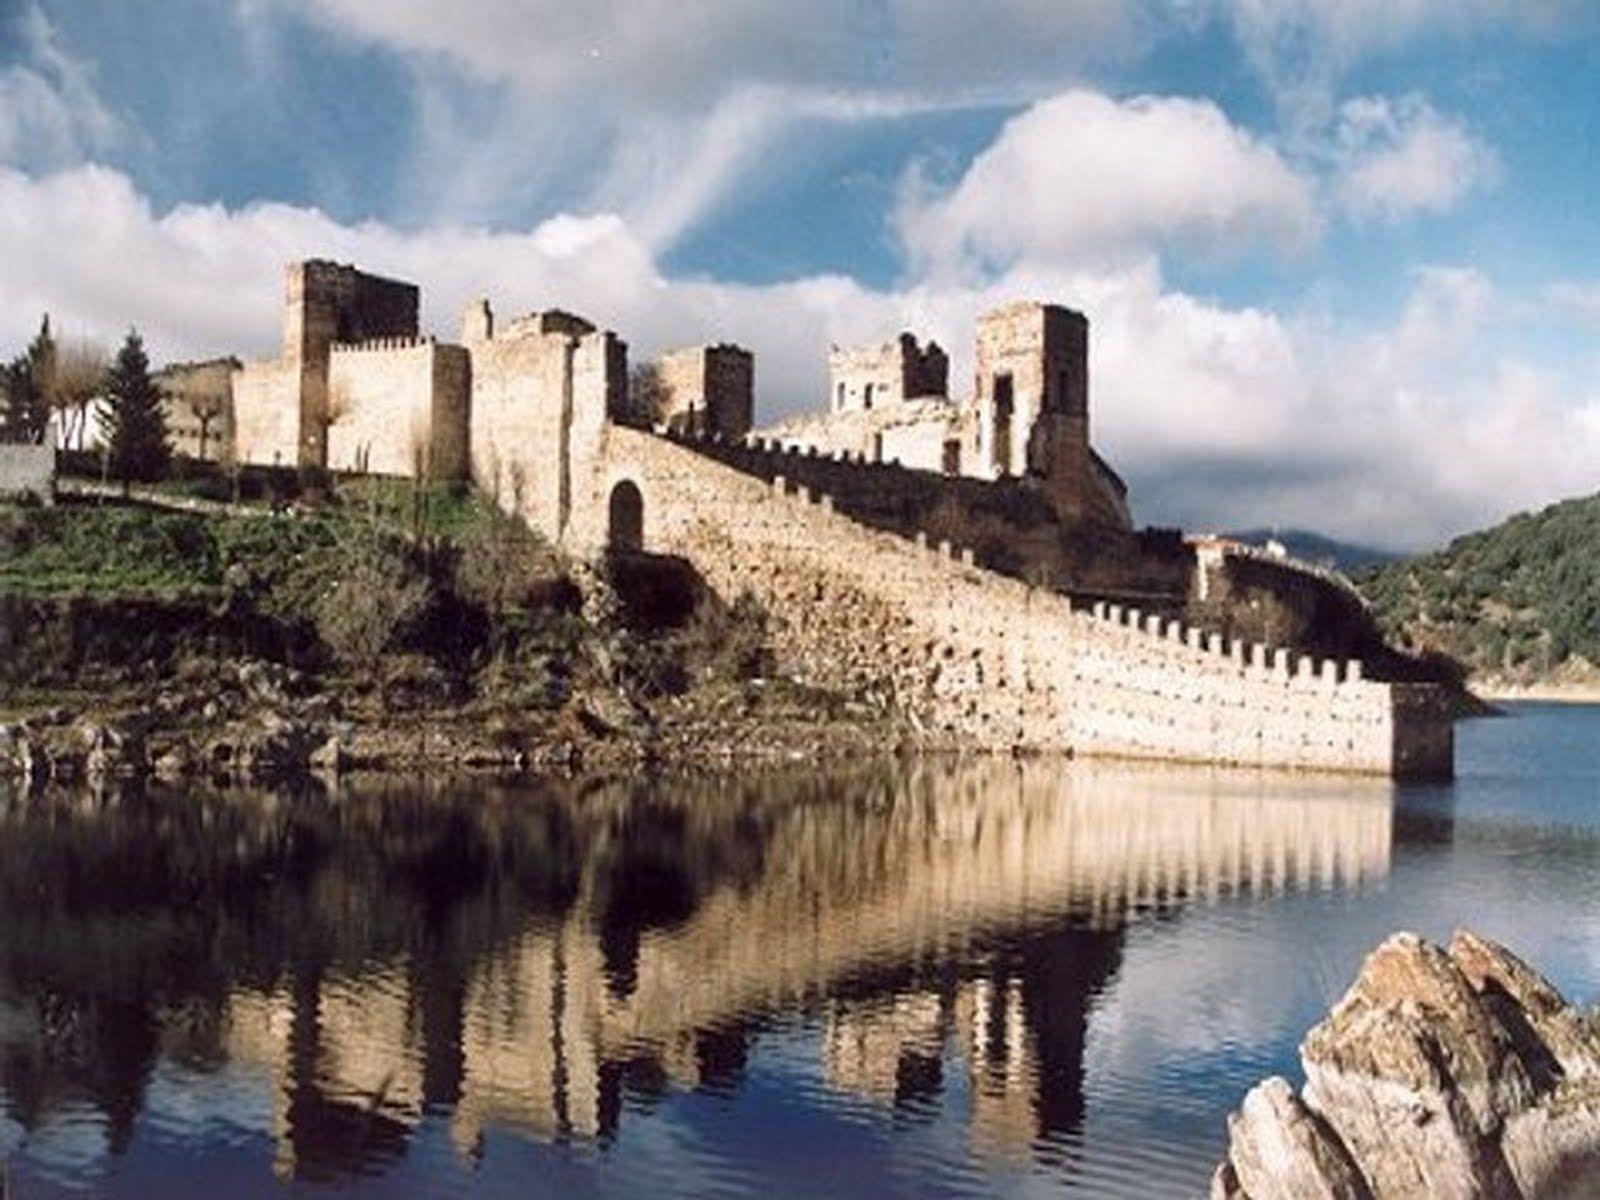 CASTLES OF SPAIN - Castillo de Buitrago del Lozoya, Madrid (siglo XV). Fue construido sobre una fortaleza anterior de origen musulmán en estilo gótico-mudéjar, a orillas del río Lozoya. La fortificación tuvo un activo papel repoblador a partir del año 1085, año en el que Buitrago del Lozoya pasó a manos cristianas. El castillo quedó vinculado, desde la Reconquista, con la poderosa familia de los Mendoza. El castillo sufrió daños de consideración durante la guerra de la Independencia.